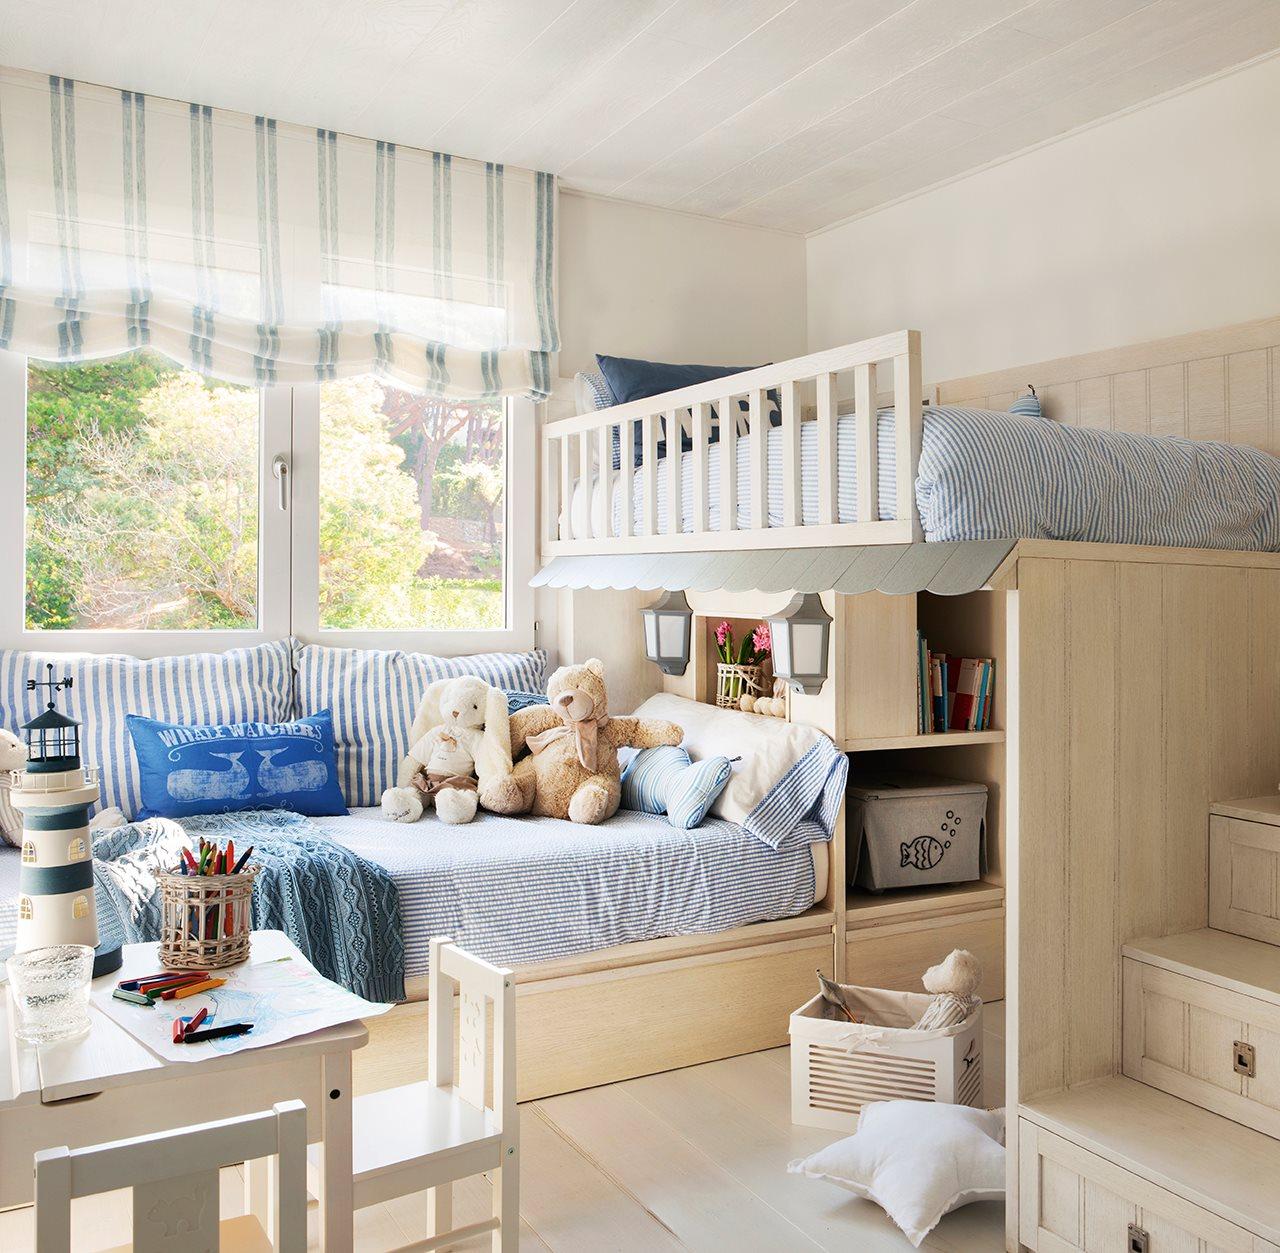 Dormitorios infantiles para ni o en azules - Dormitorios con dos camas ...